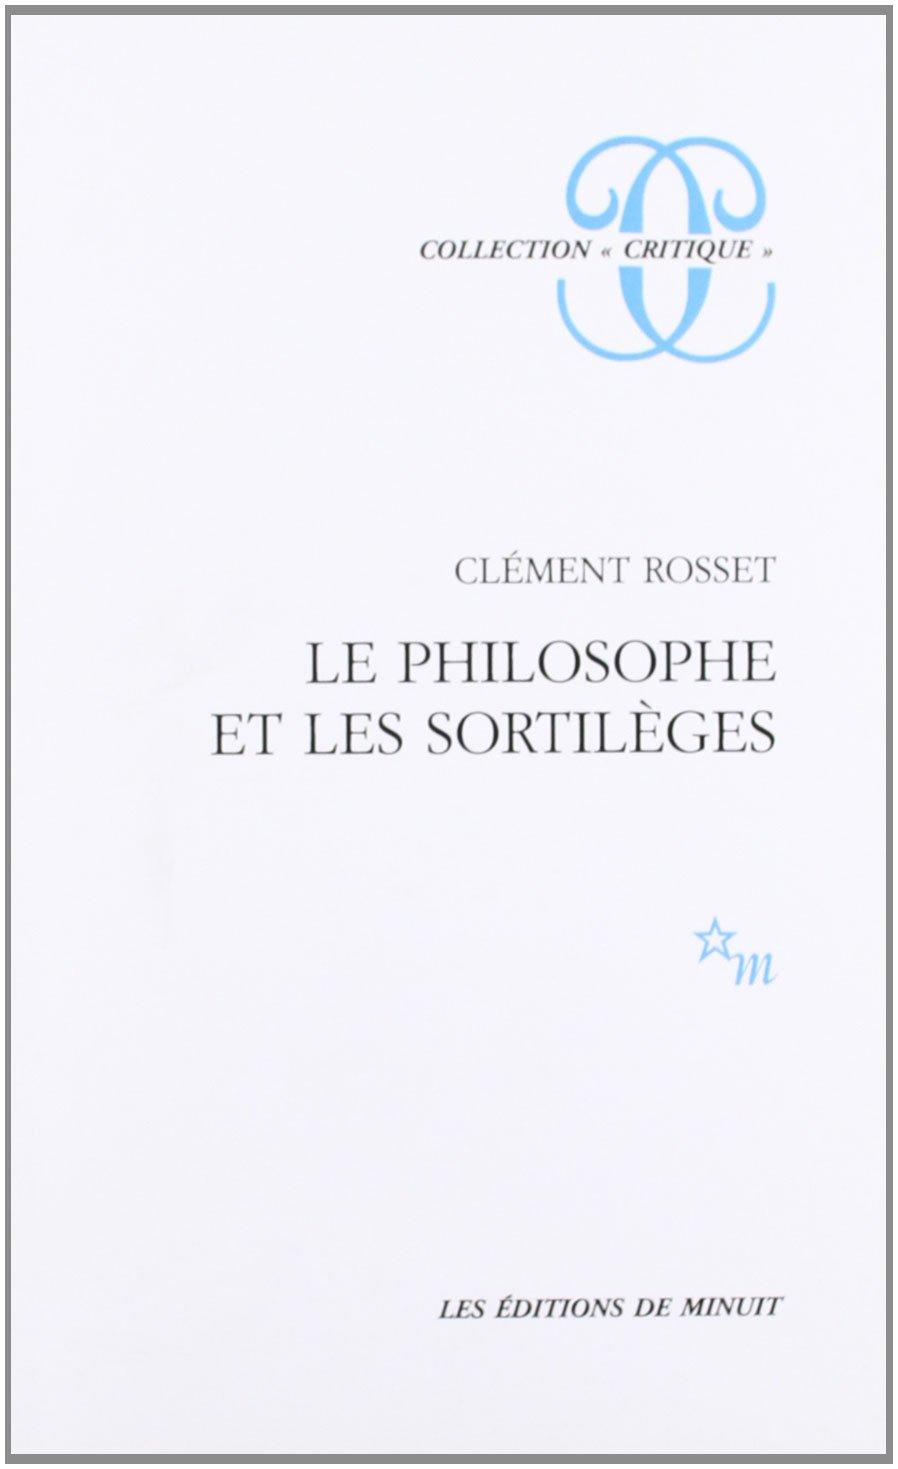 Le Philosophe et les sortilèges - Clément Rosset